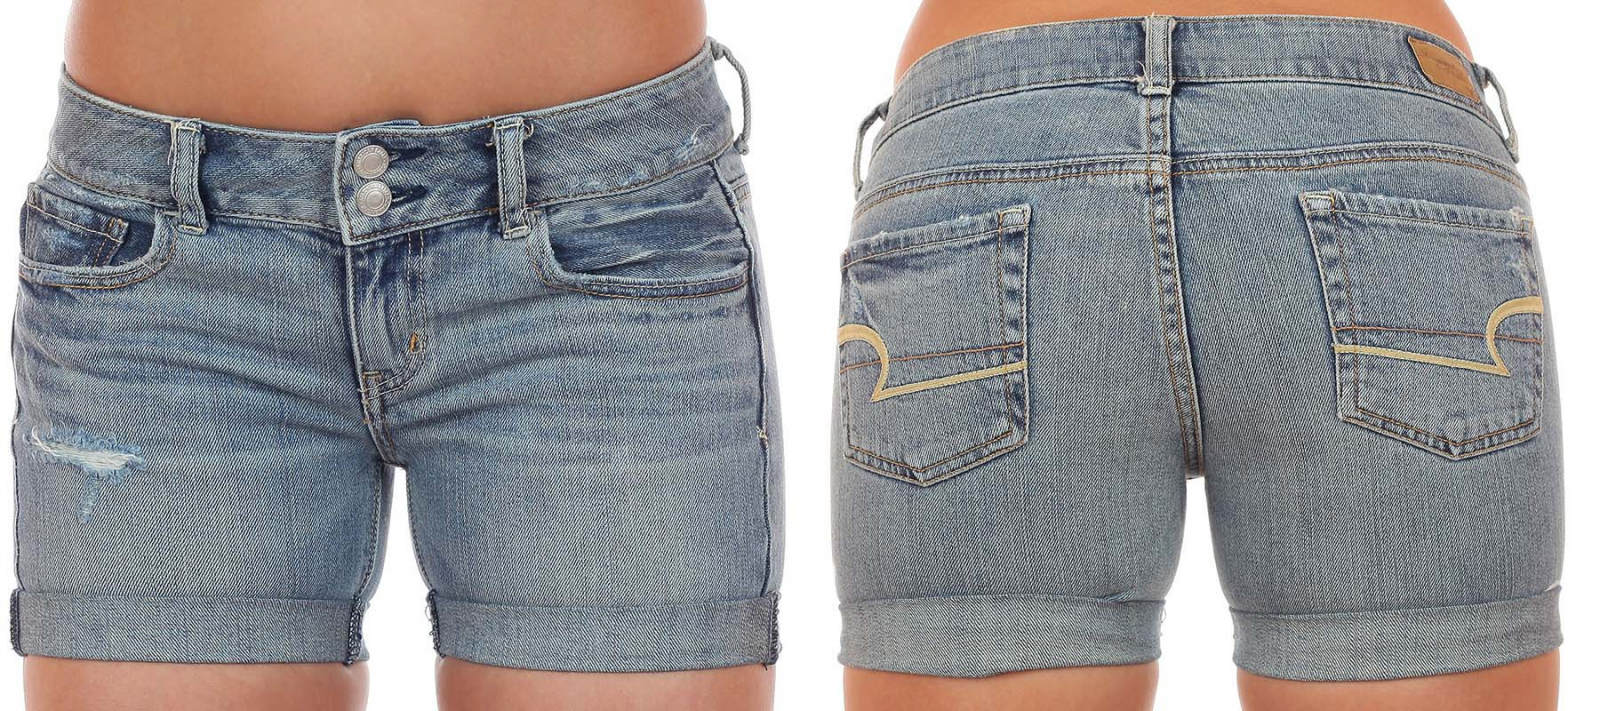 Джинсовые шорты от American Eagle должны быть у каждой модницы с доставкой